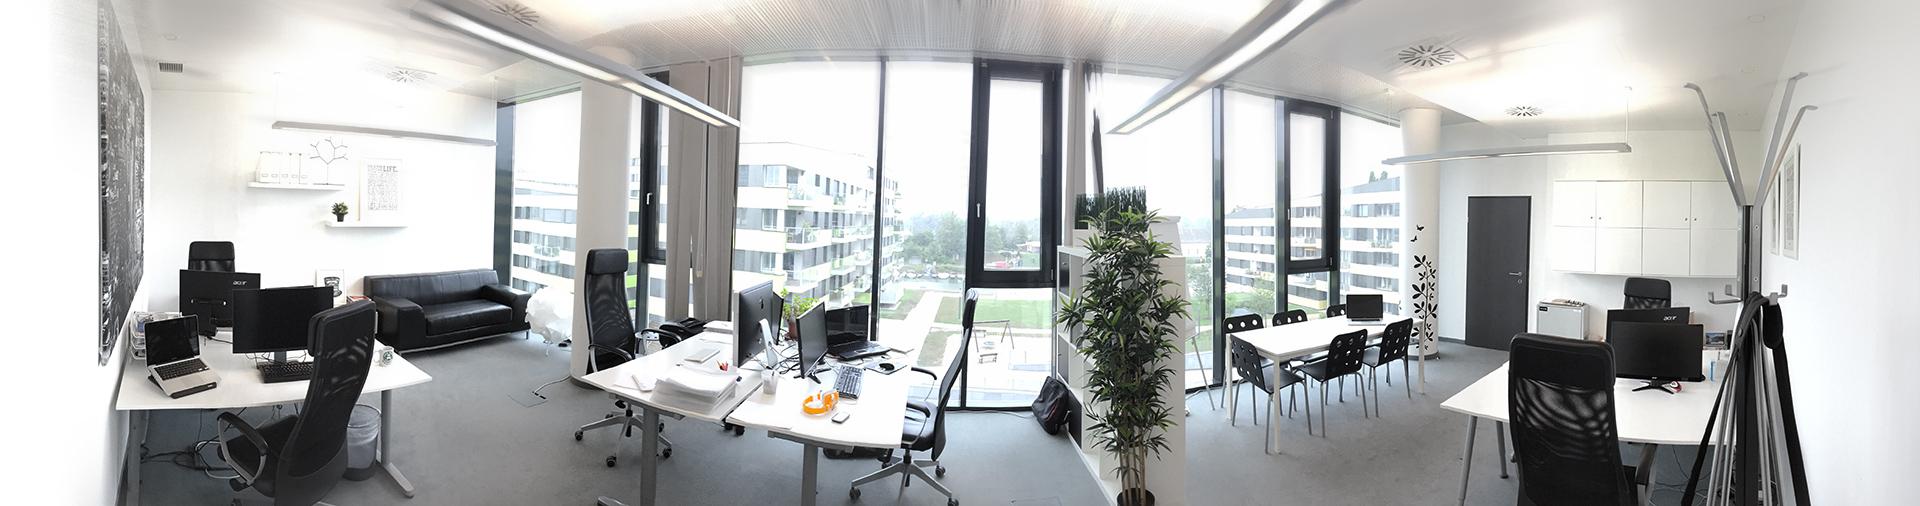 Webdesign Linz Webdesign Wien Online-Agentur Linz Online-Agentur Wien Referenz